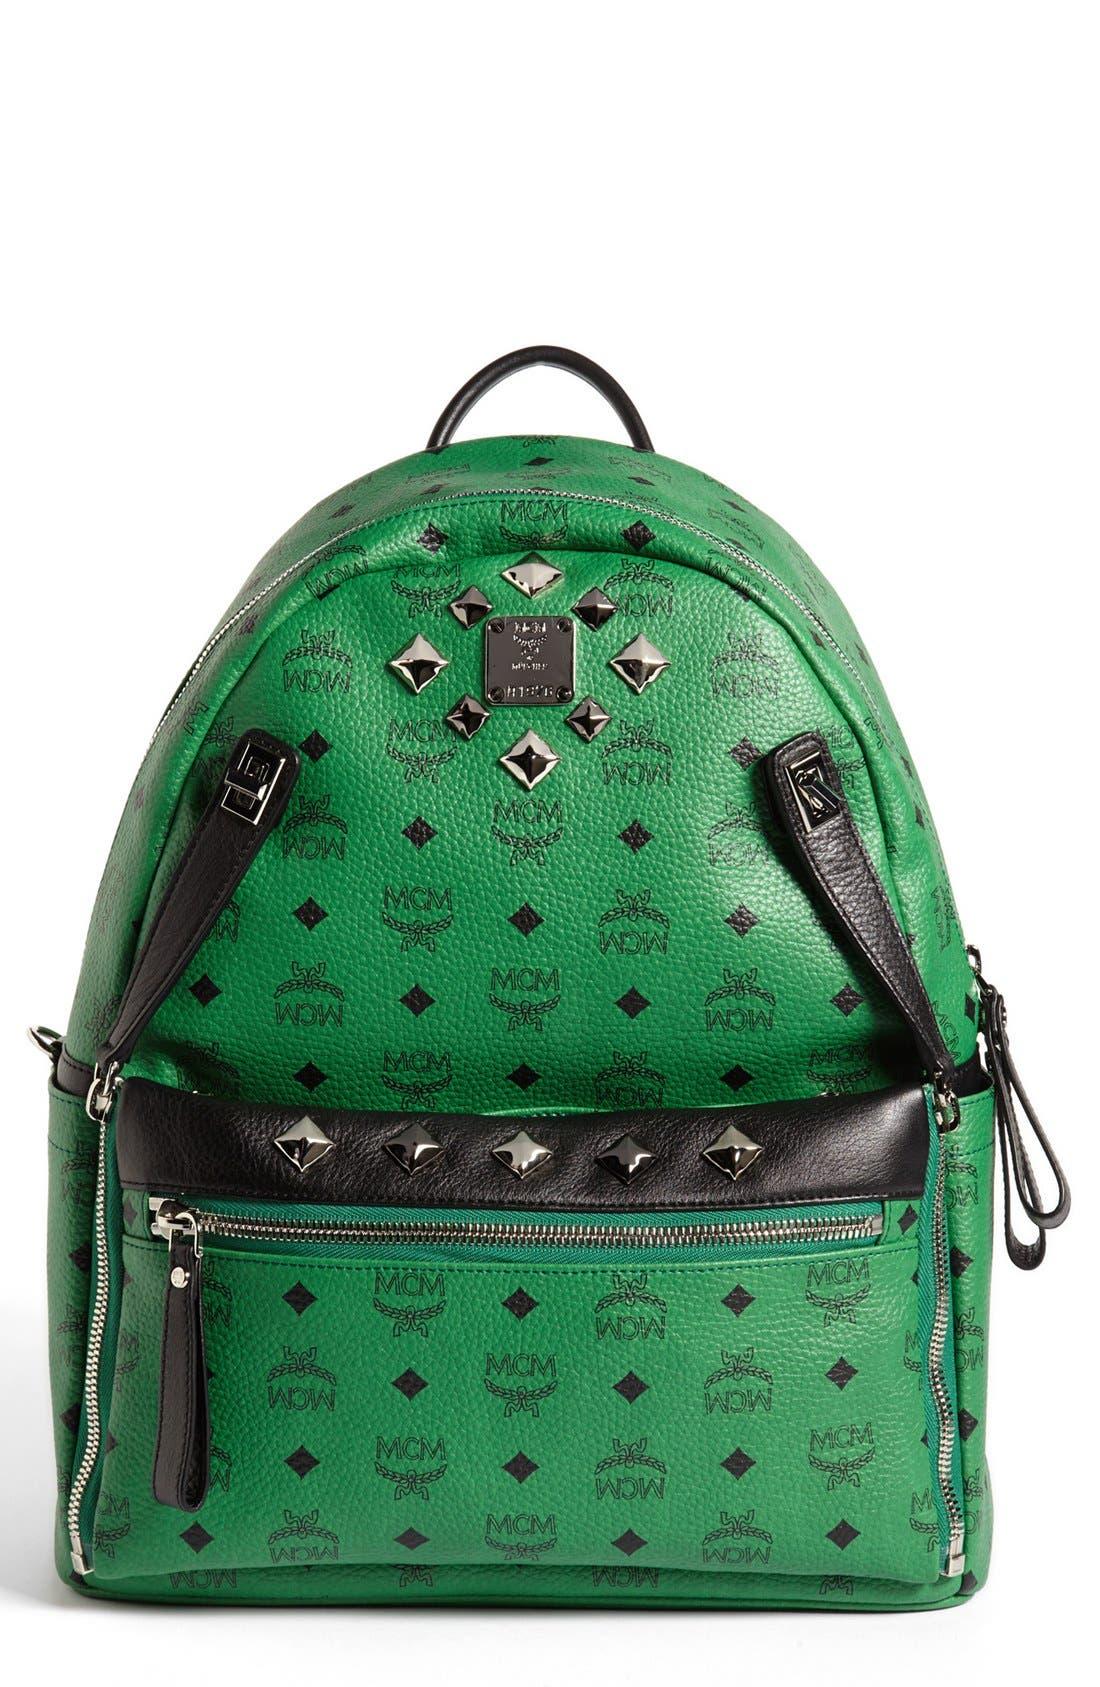 Main Image - MCM 'Studded - Medium' Coated Canvas Backpack